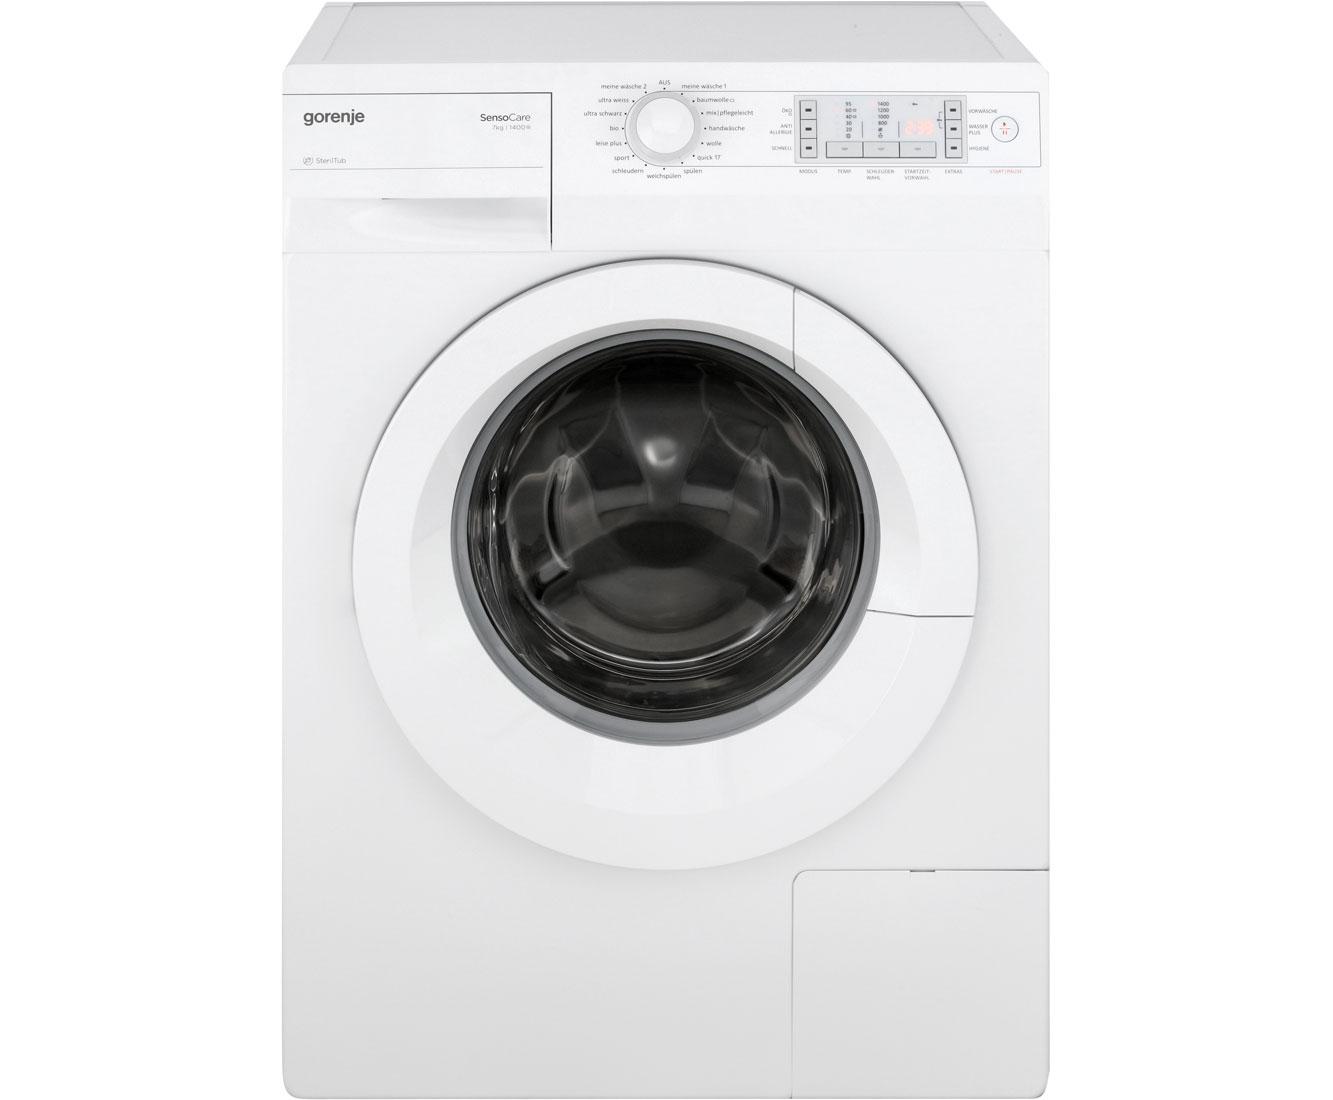 gorenje wa 7840 waschmaschine freistehend weiss neu ebay. Black Bedroom Furniture Sets. Home Design Ideas